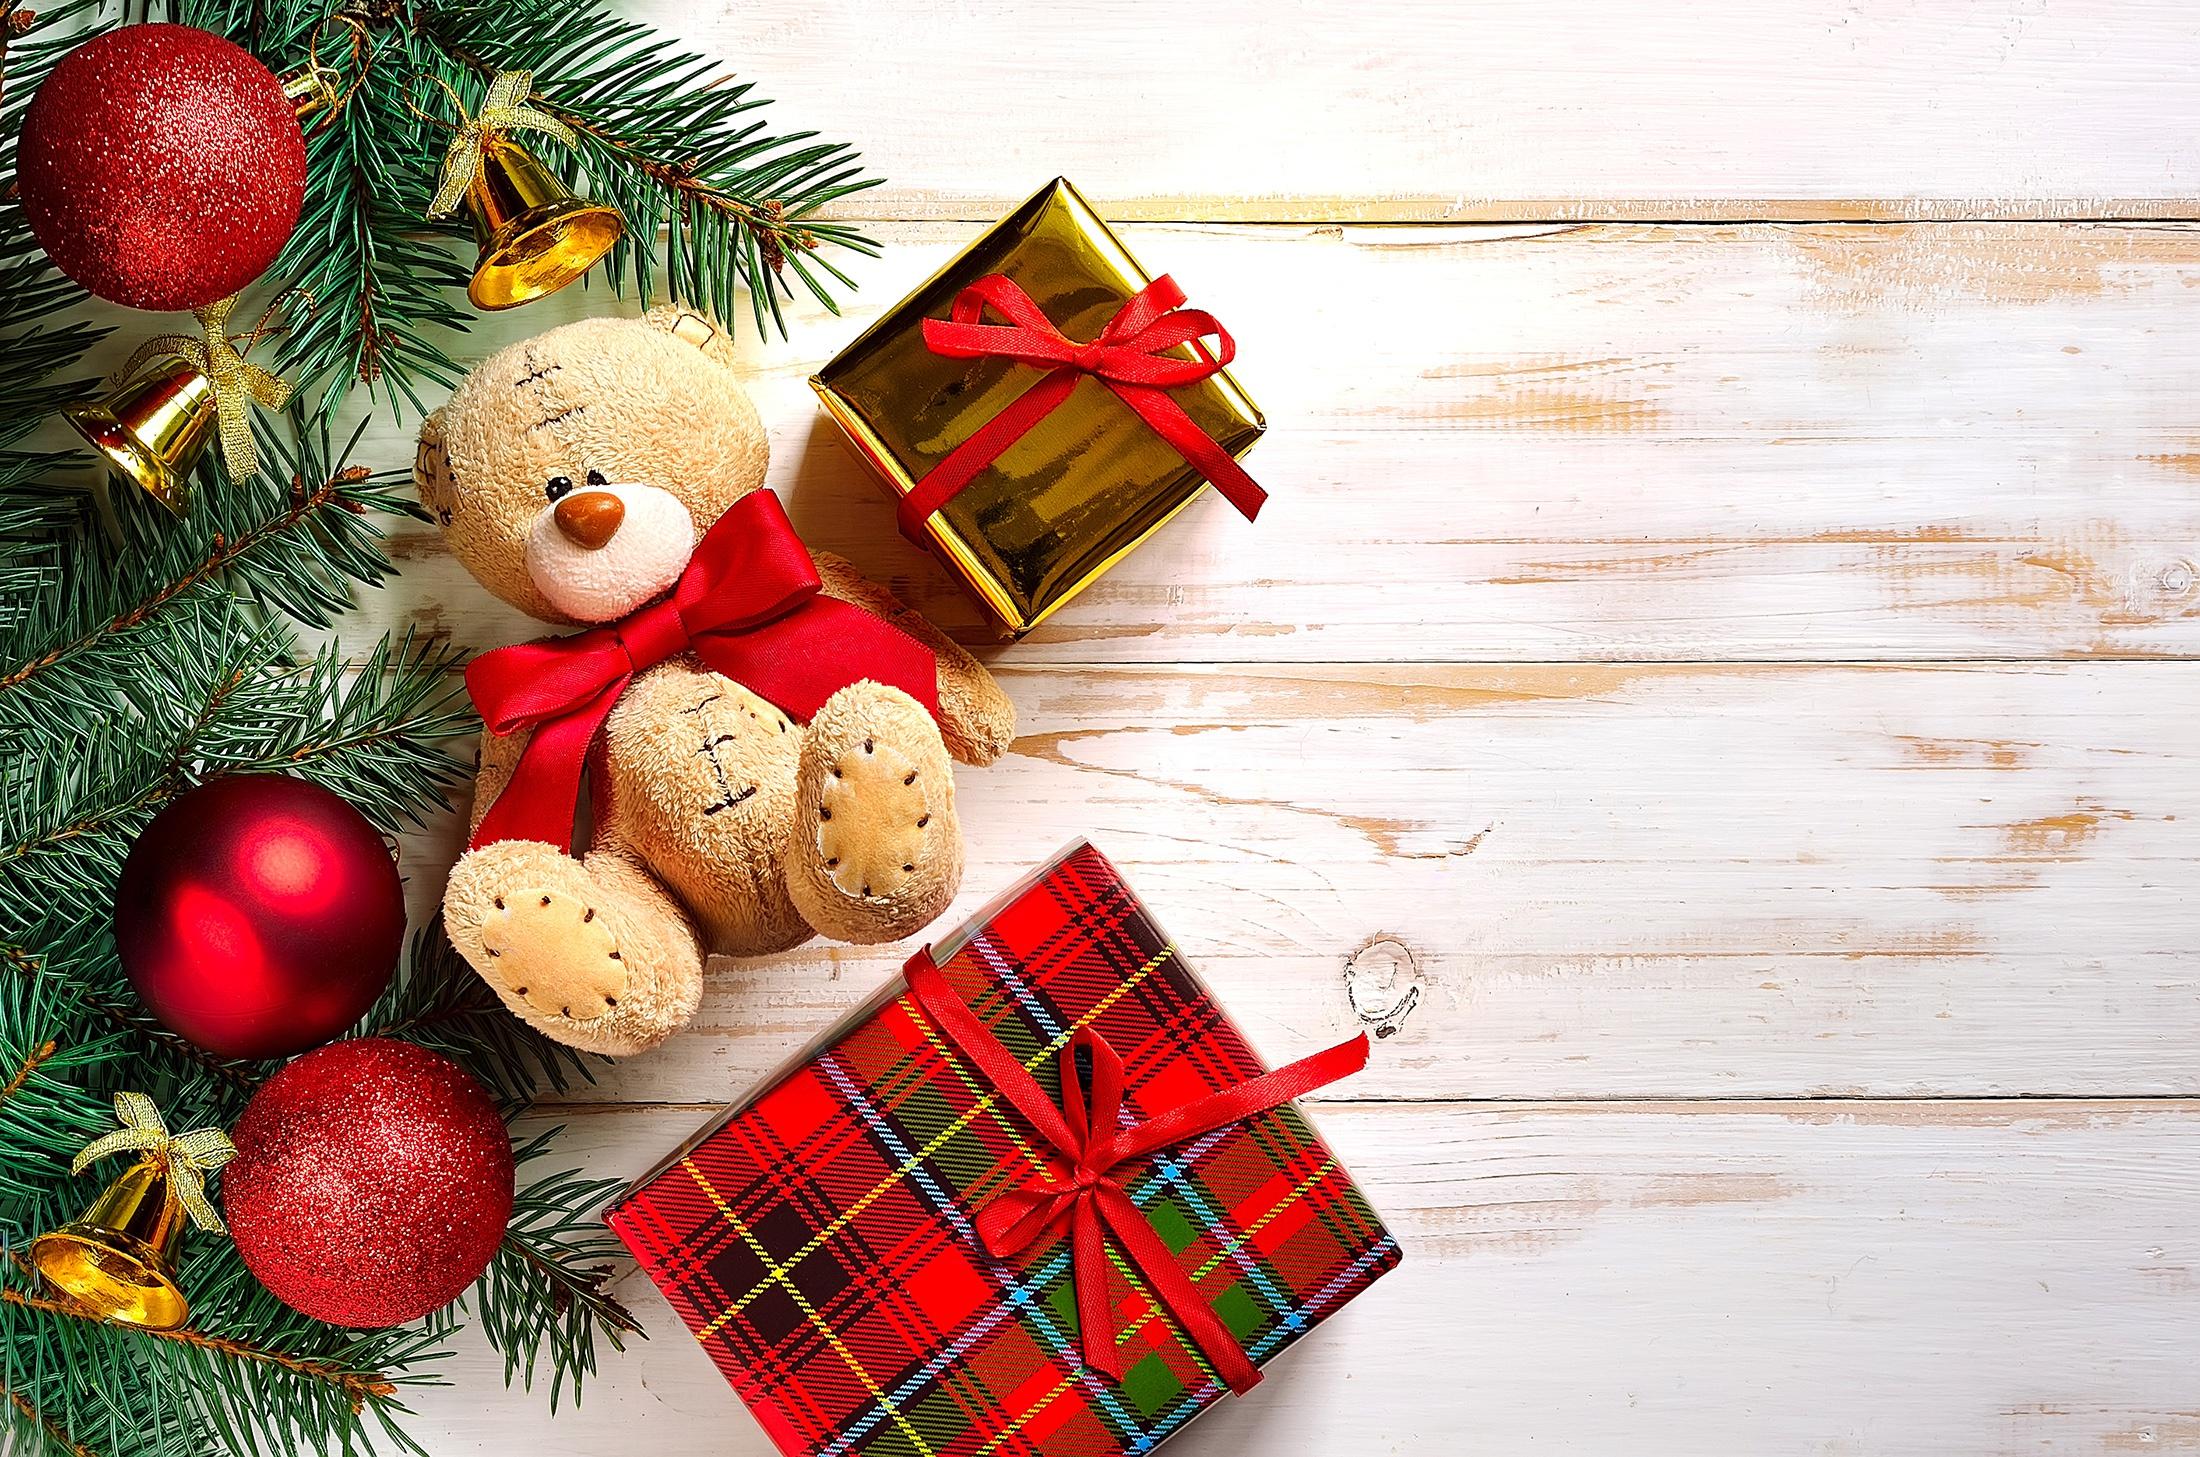 Папе поздравлением, открытки подарки к новому году прикольные